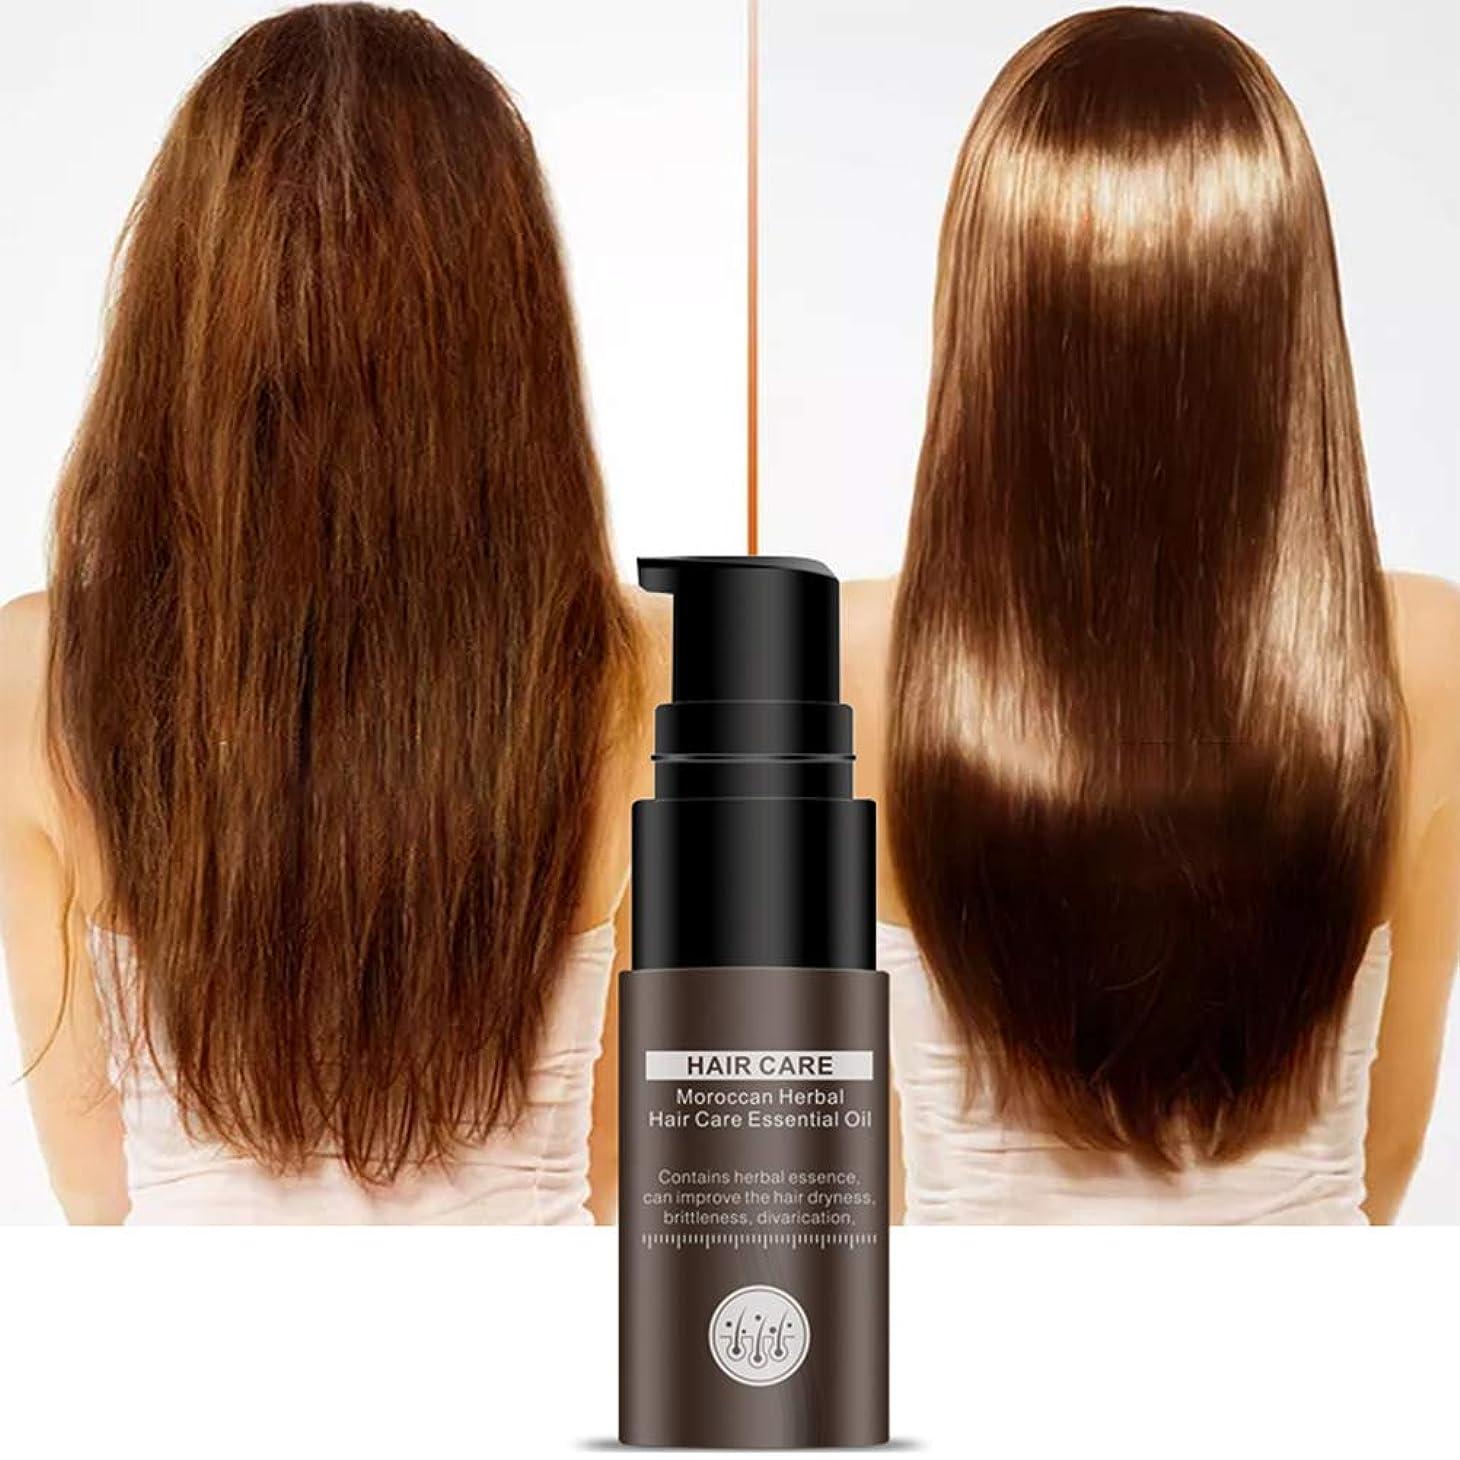 直径その後既にDaimai モロッコのハーブオイル ヘアケアエッセンシャルオイル 育毛エッセンシャルオイル 髪修復エッセンシャルオイル 乾いた髪に栄養 ヘアケアエッセンシャルオイル エッセンシャル フラット セラム くせ毛 うねり髪 ときほぐし 毛先 まとまる ストレートヘア ナチュラル ヘアケアエッセンシャルオイル 栄養補給 修復損傷 スプリットフリージー 保湿 乾燥した 傷んだ髪 天然オイル ヘアケア修復保護